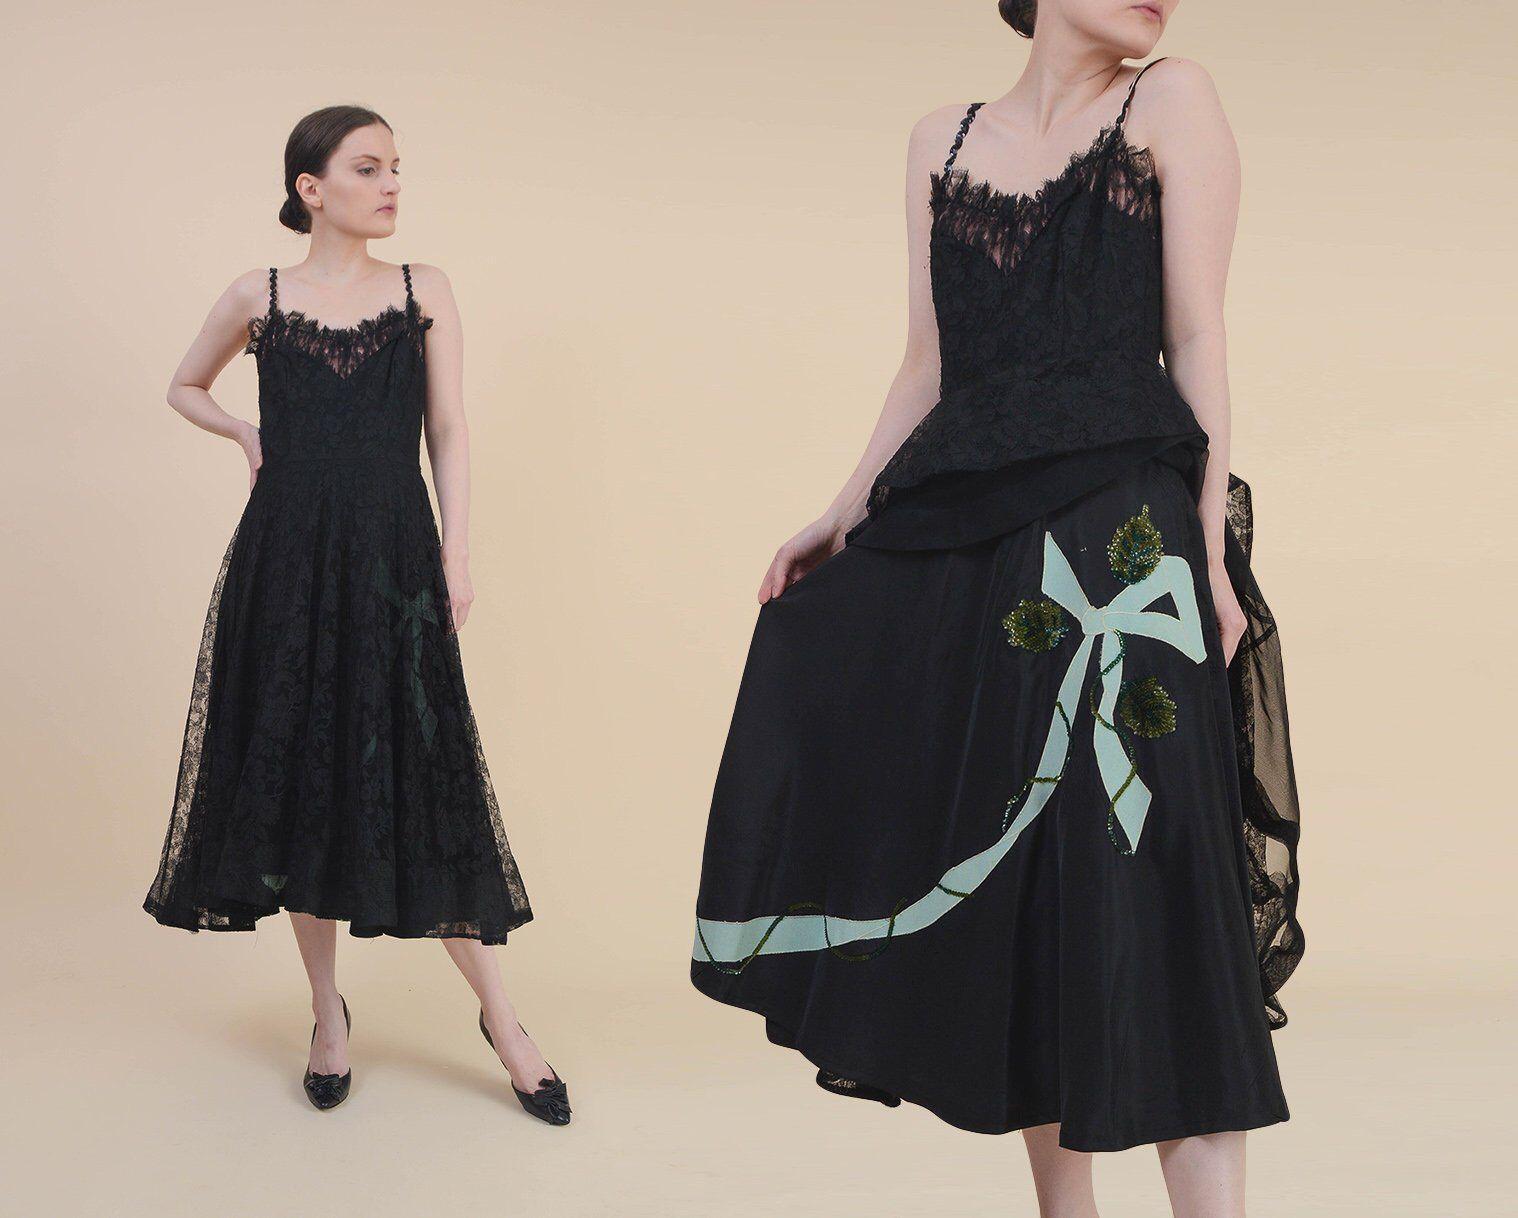 Vintage Black Lace Dress Size Medium Sequin Bow Applique Etsy Vintage Black Lace Dress Prom Dresses Vintage Dresses [ 1218 x 1518 Pixel ]